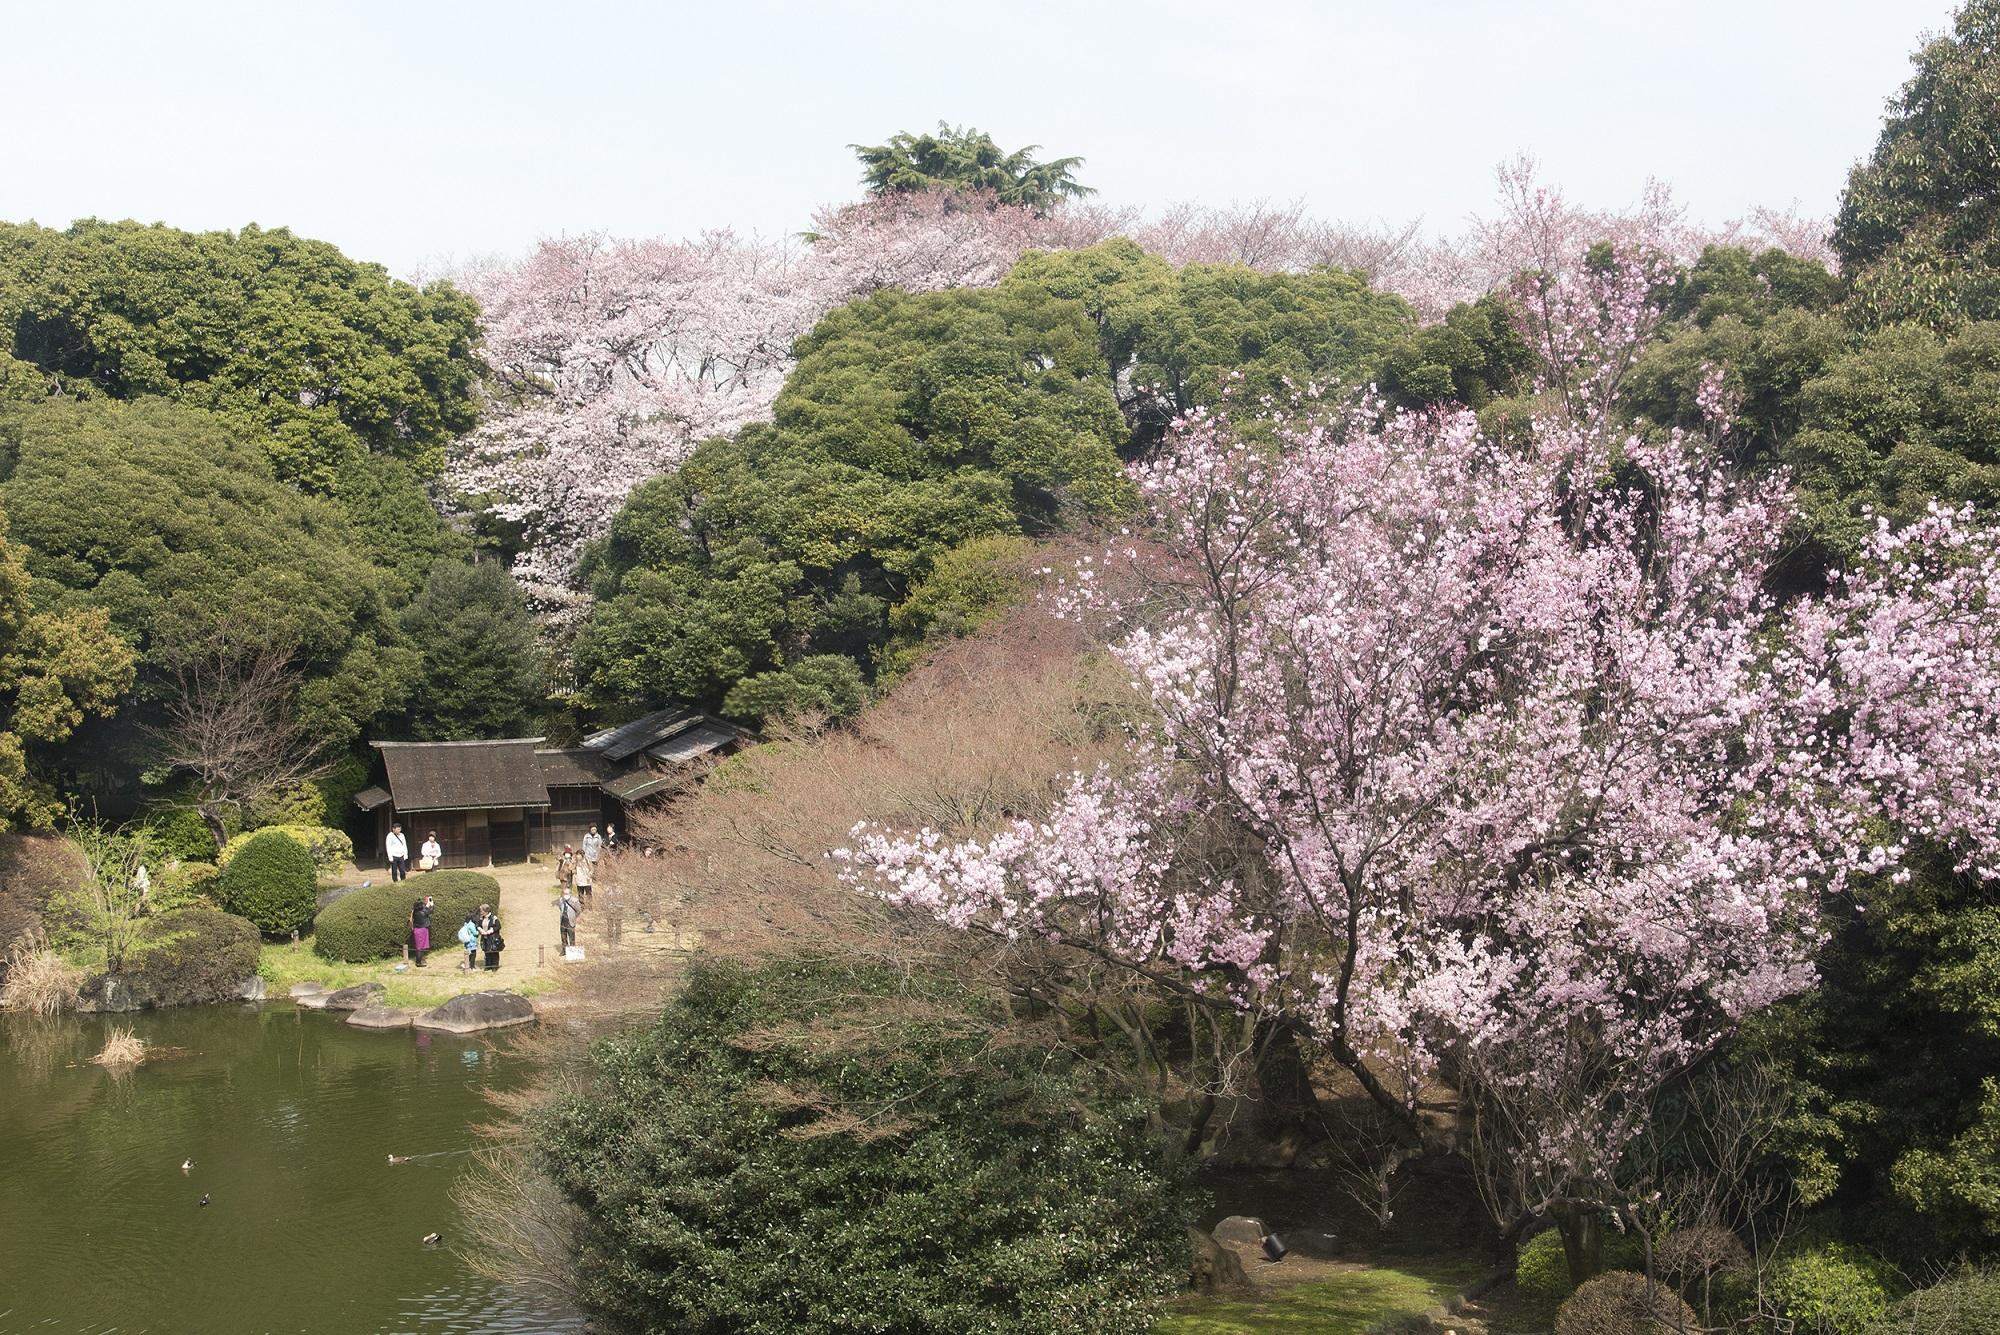 東京国立博物館 春の庭園解放